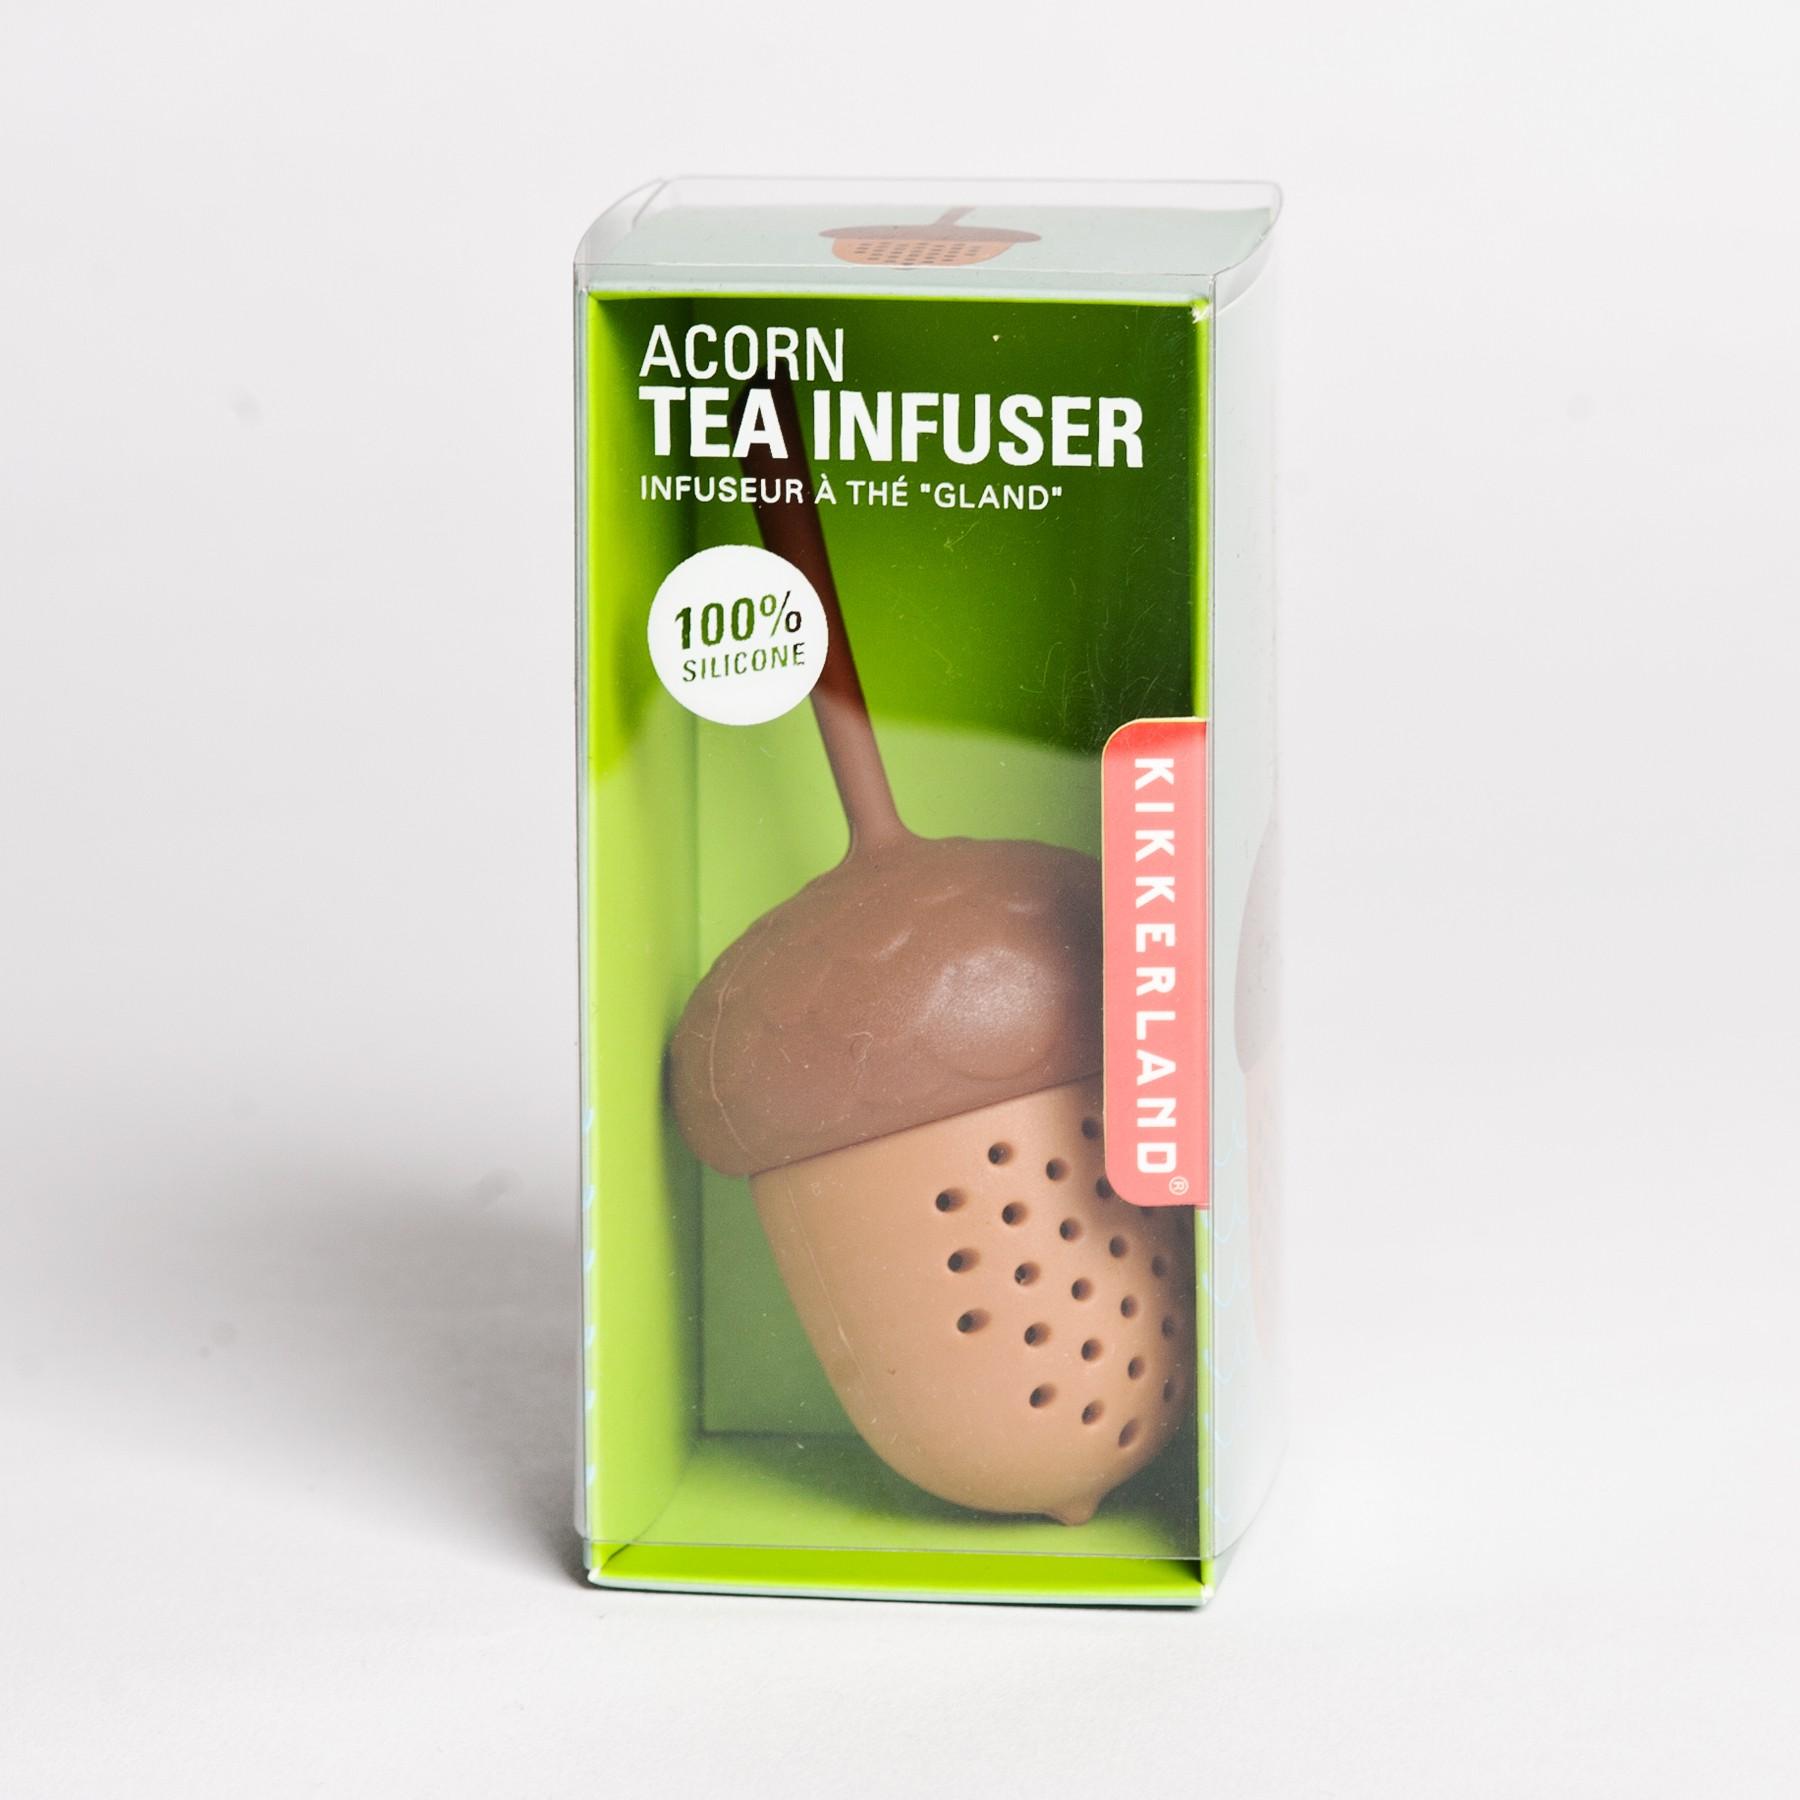 tea-infuser-acorn-4